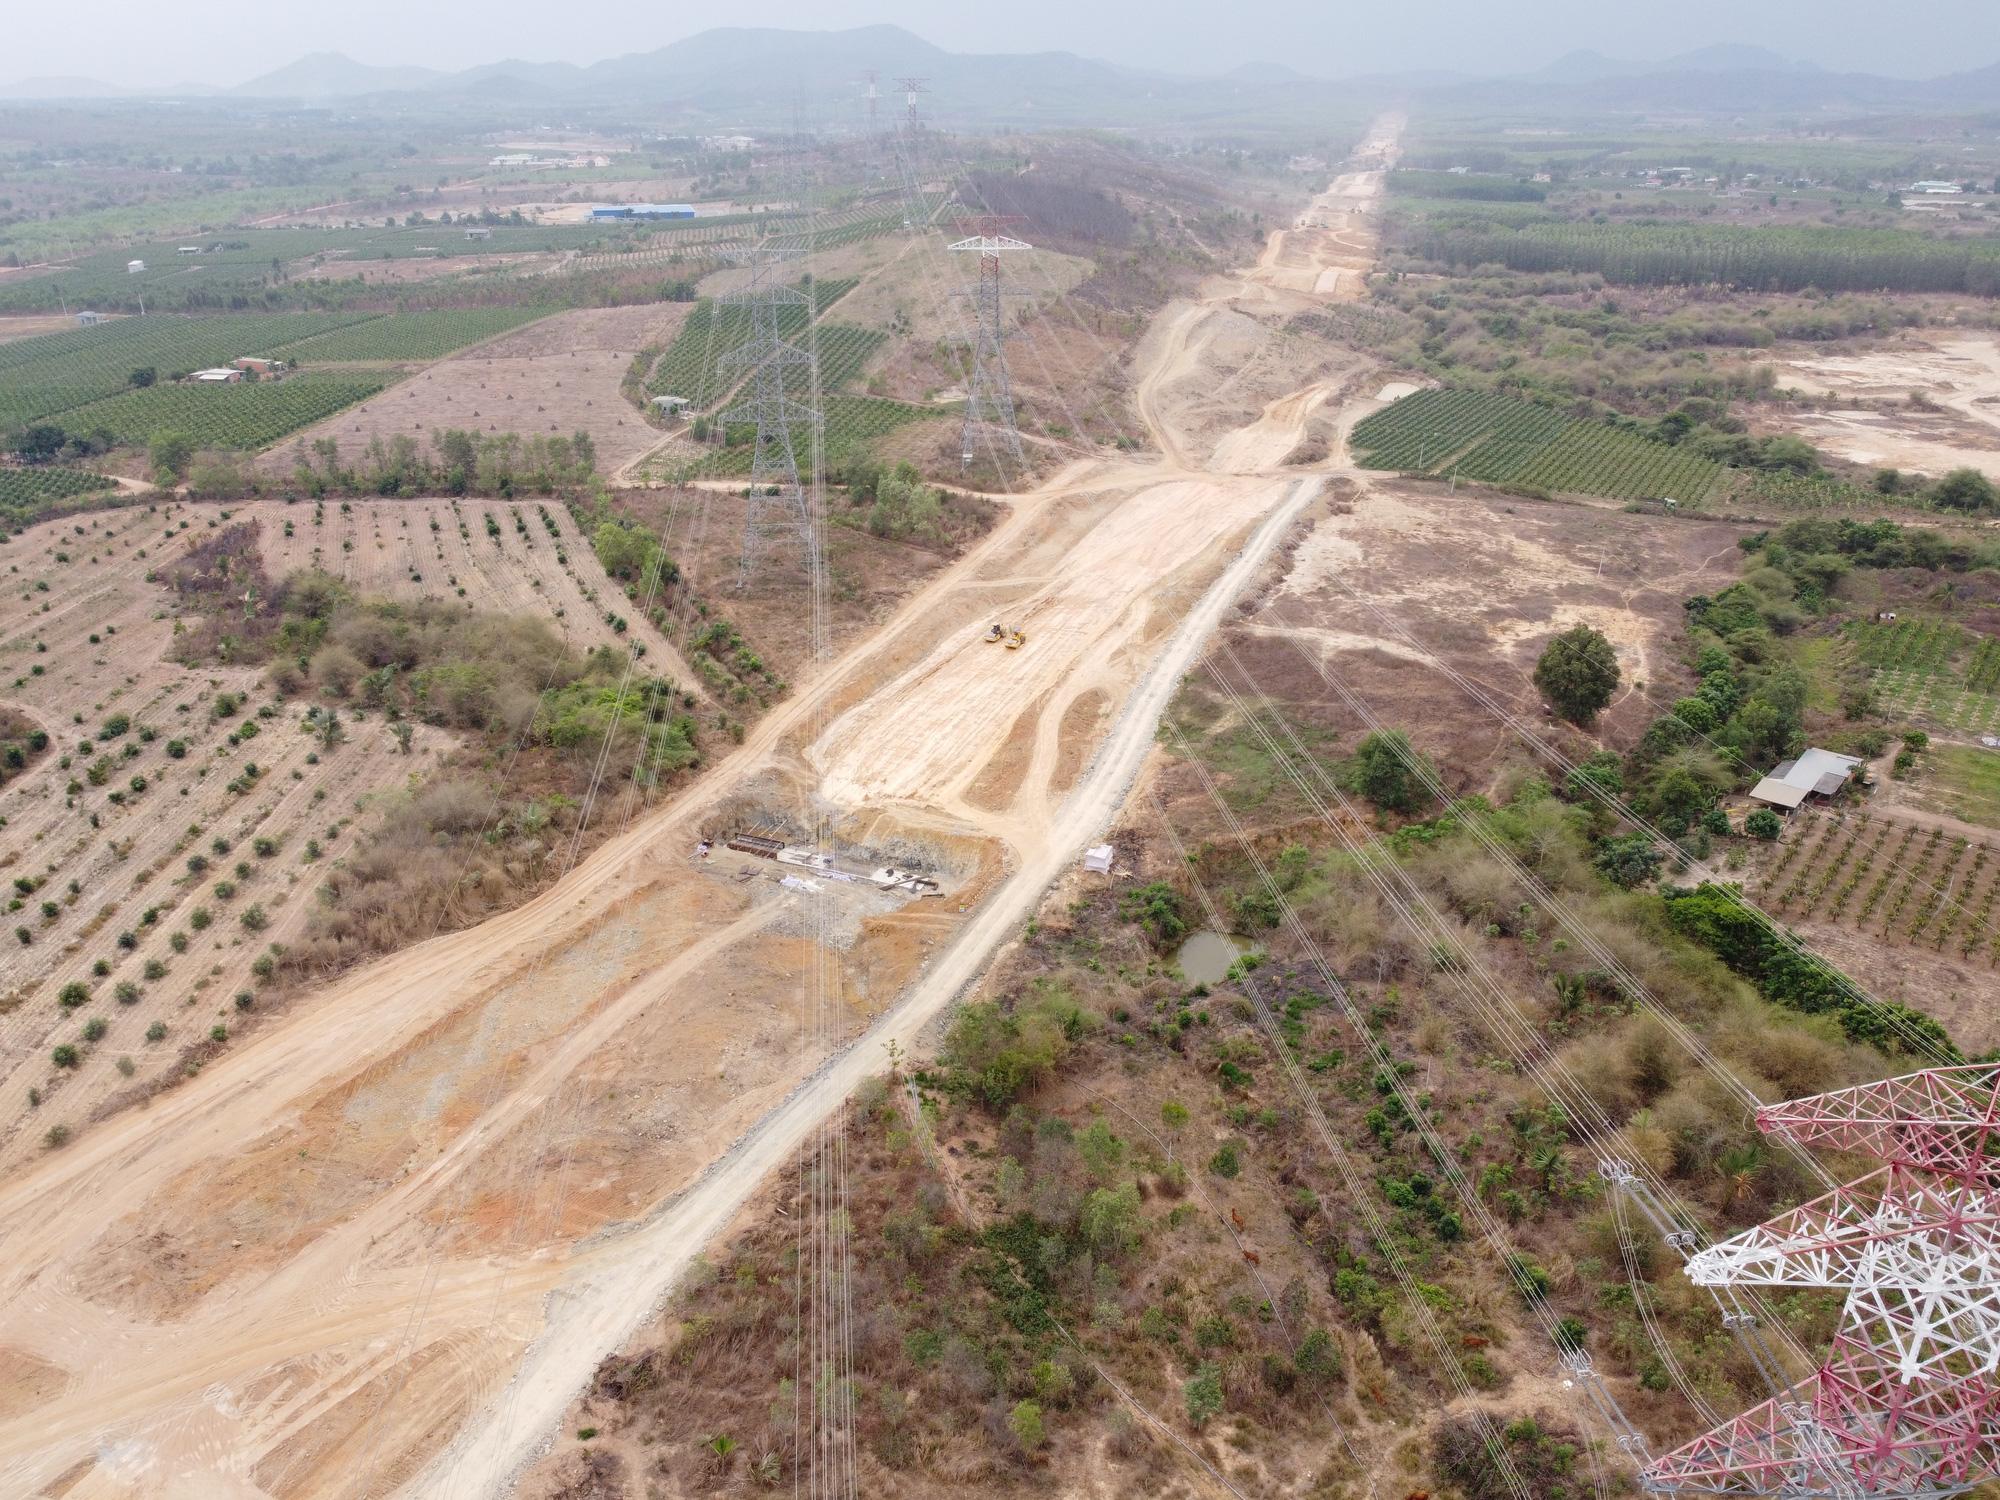 Bình Thuận dứt điểm GPMB Dự án đường bộ cao tốc Bắc – Nam phía Đông qua địa bàn  - Ảnh 2.